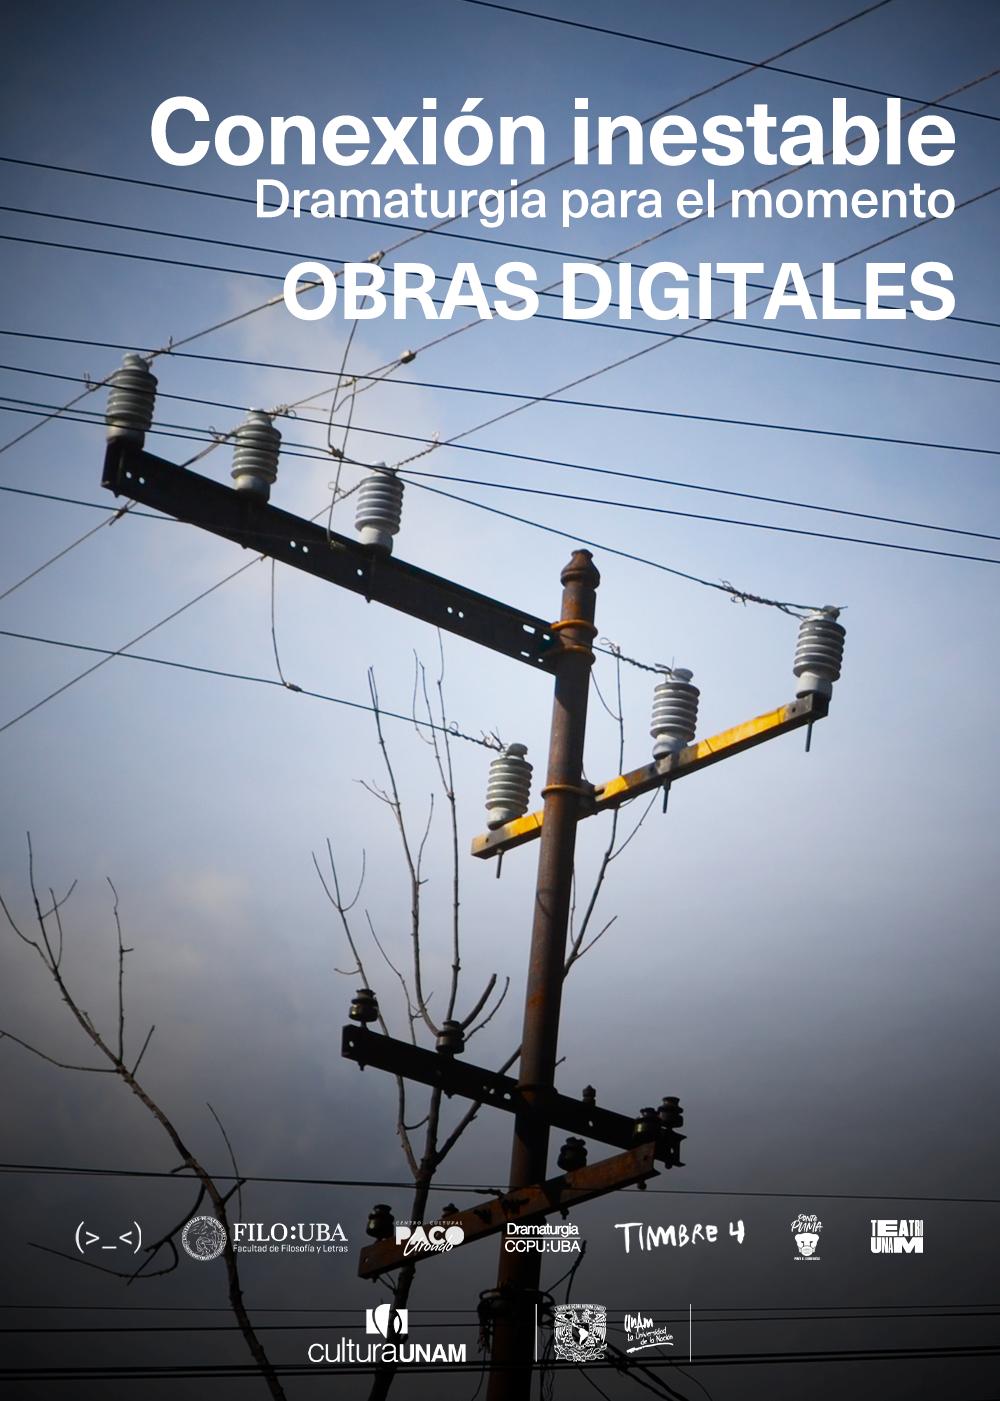 conexion inestable obras digitales